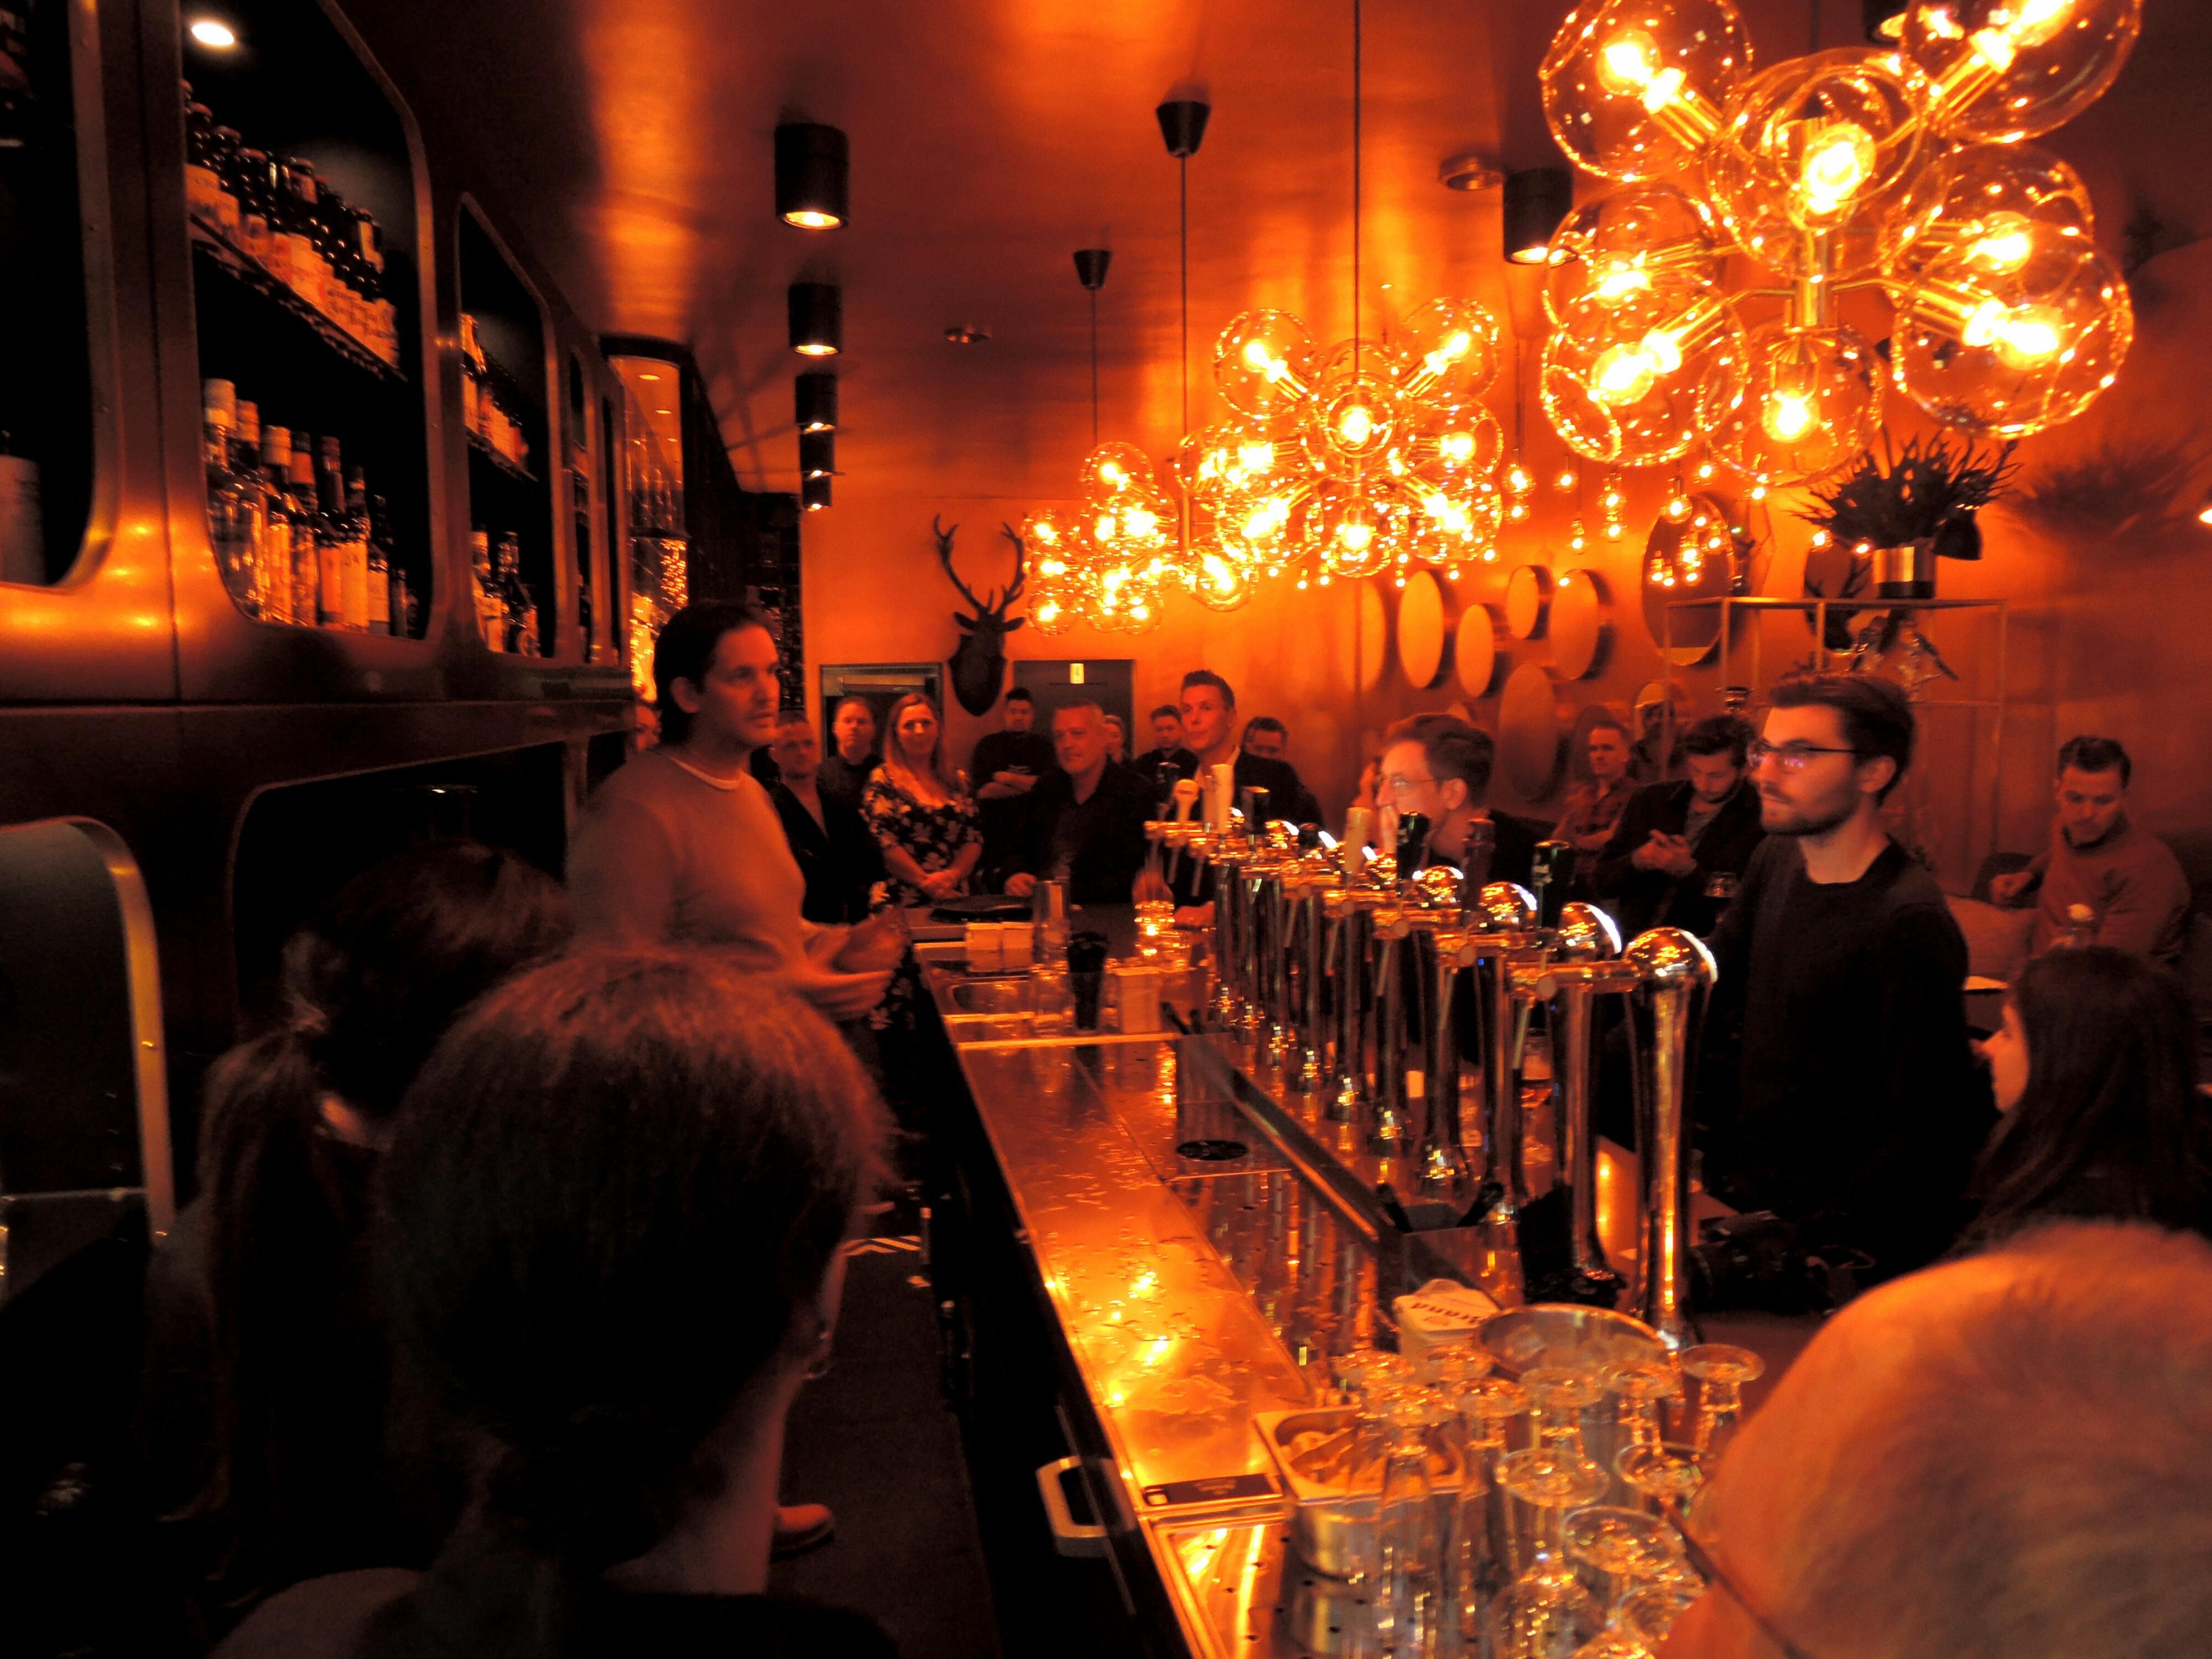 Bierboutique bier drinken in stijl de buik van rotterdam